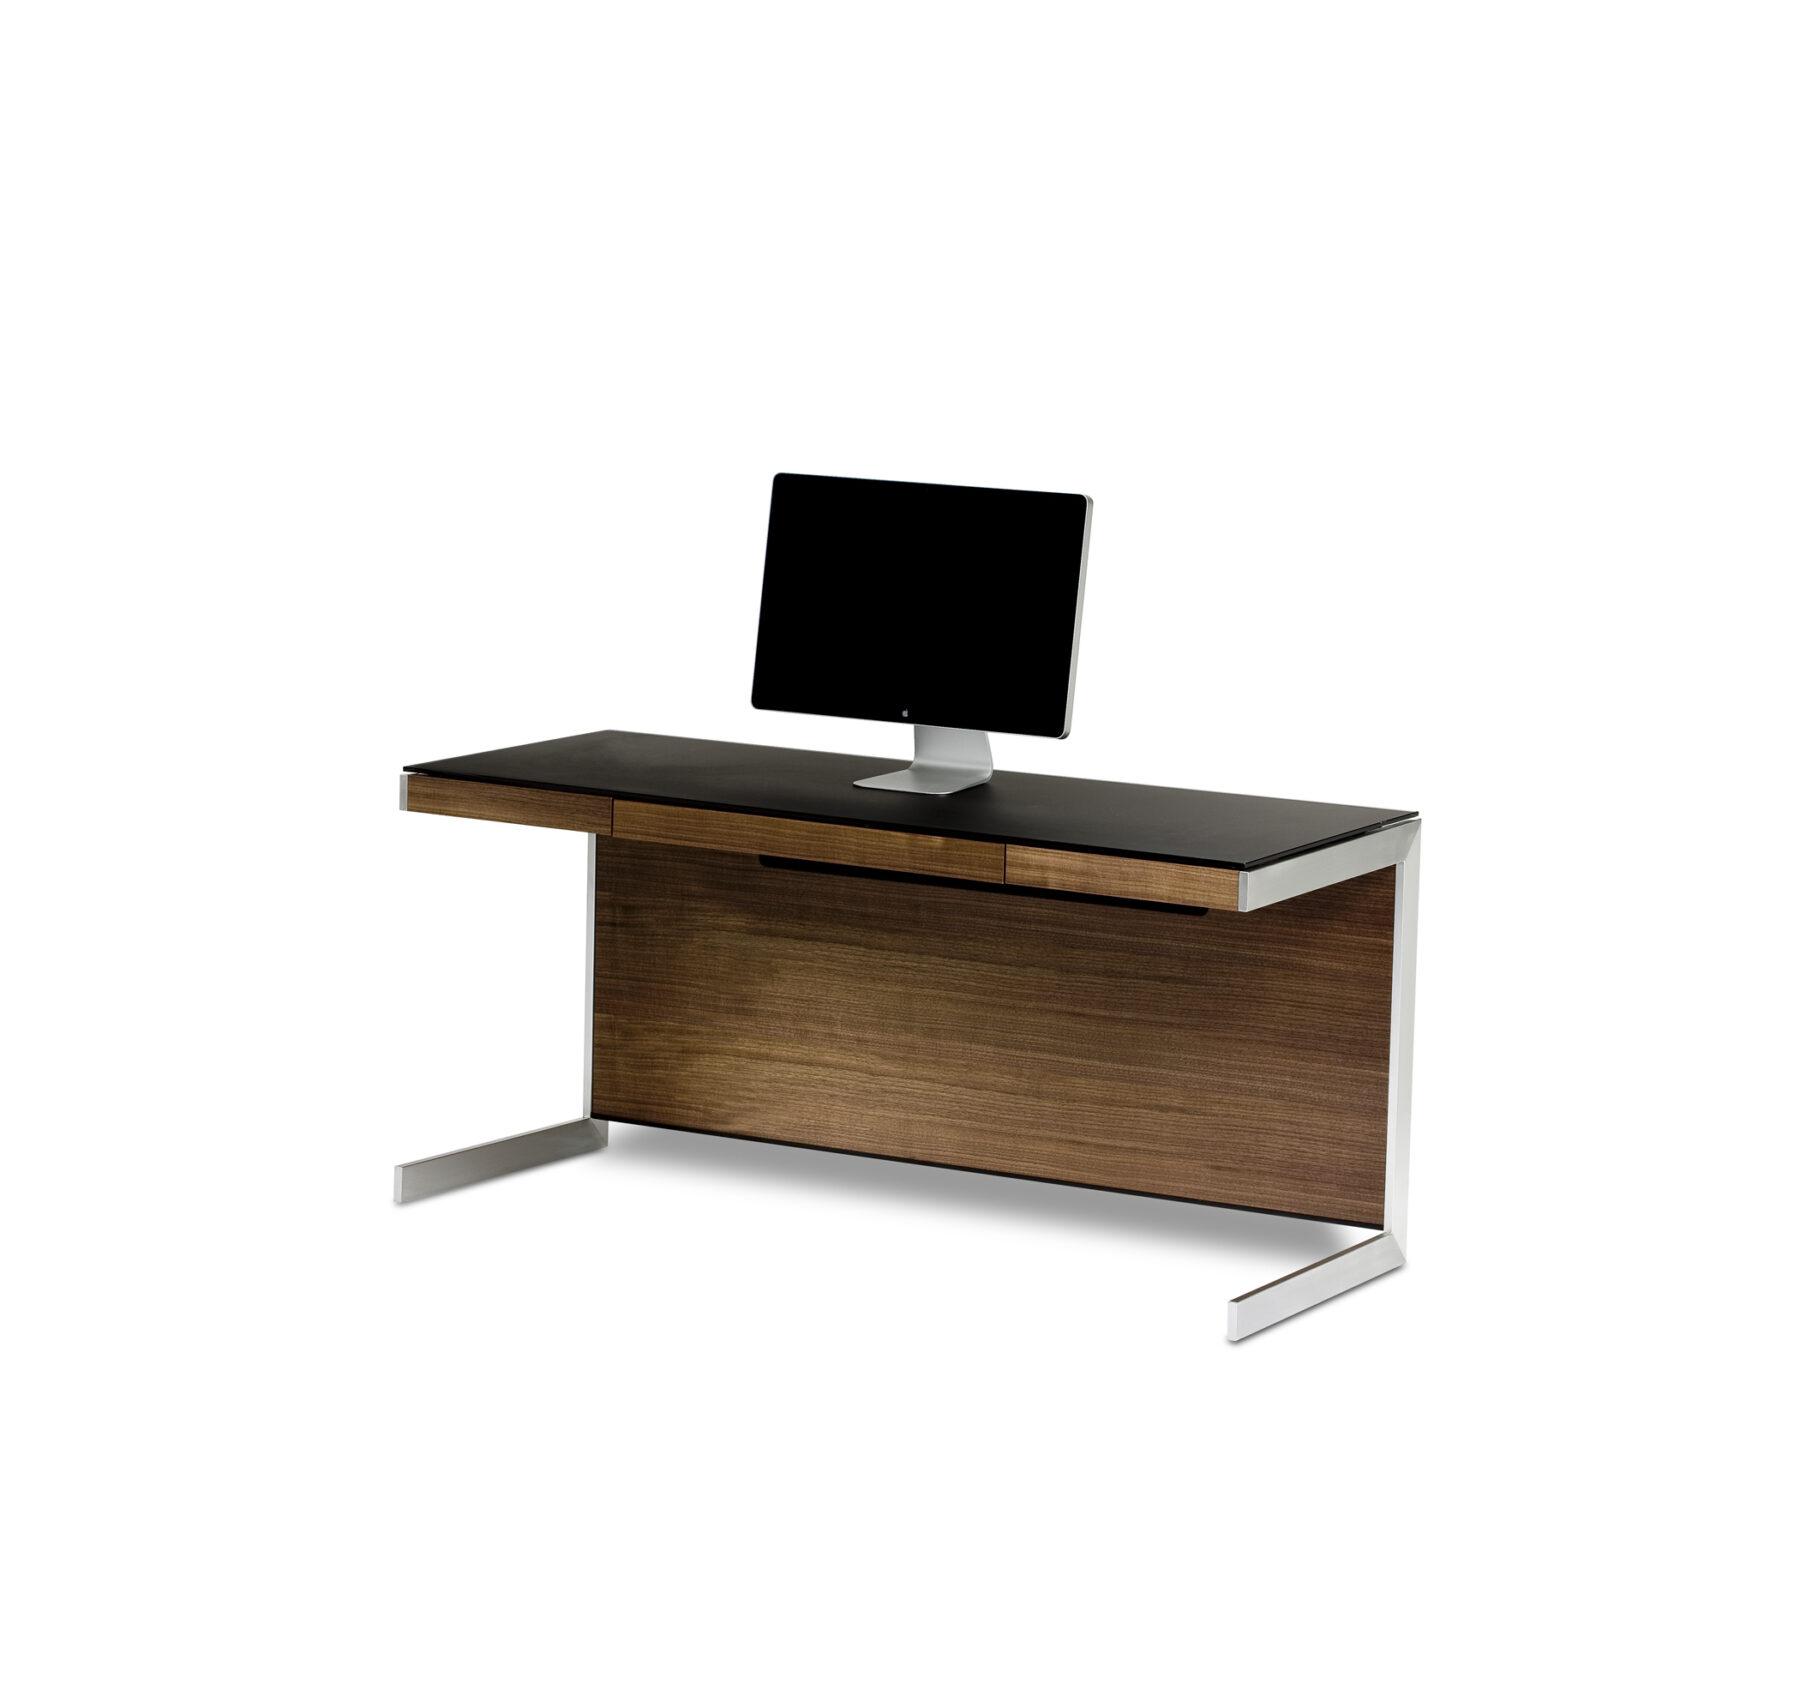 sequel-6001-walnut-bdi-desk-system-1